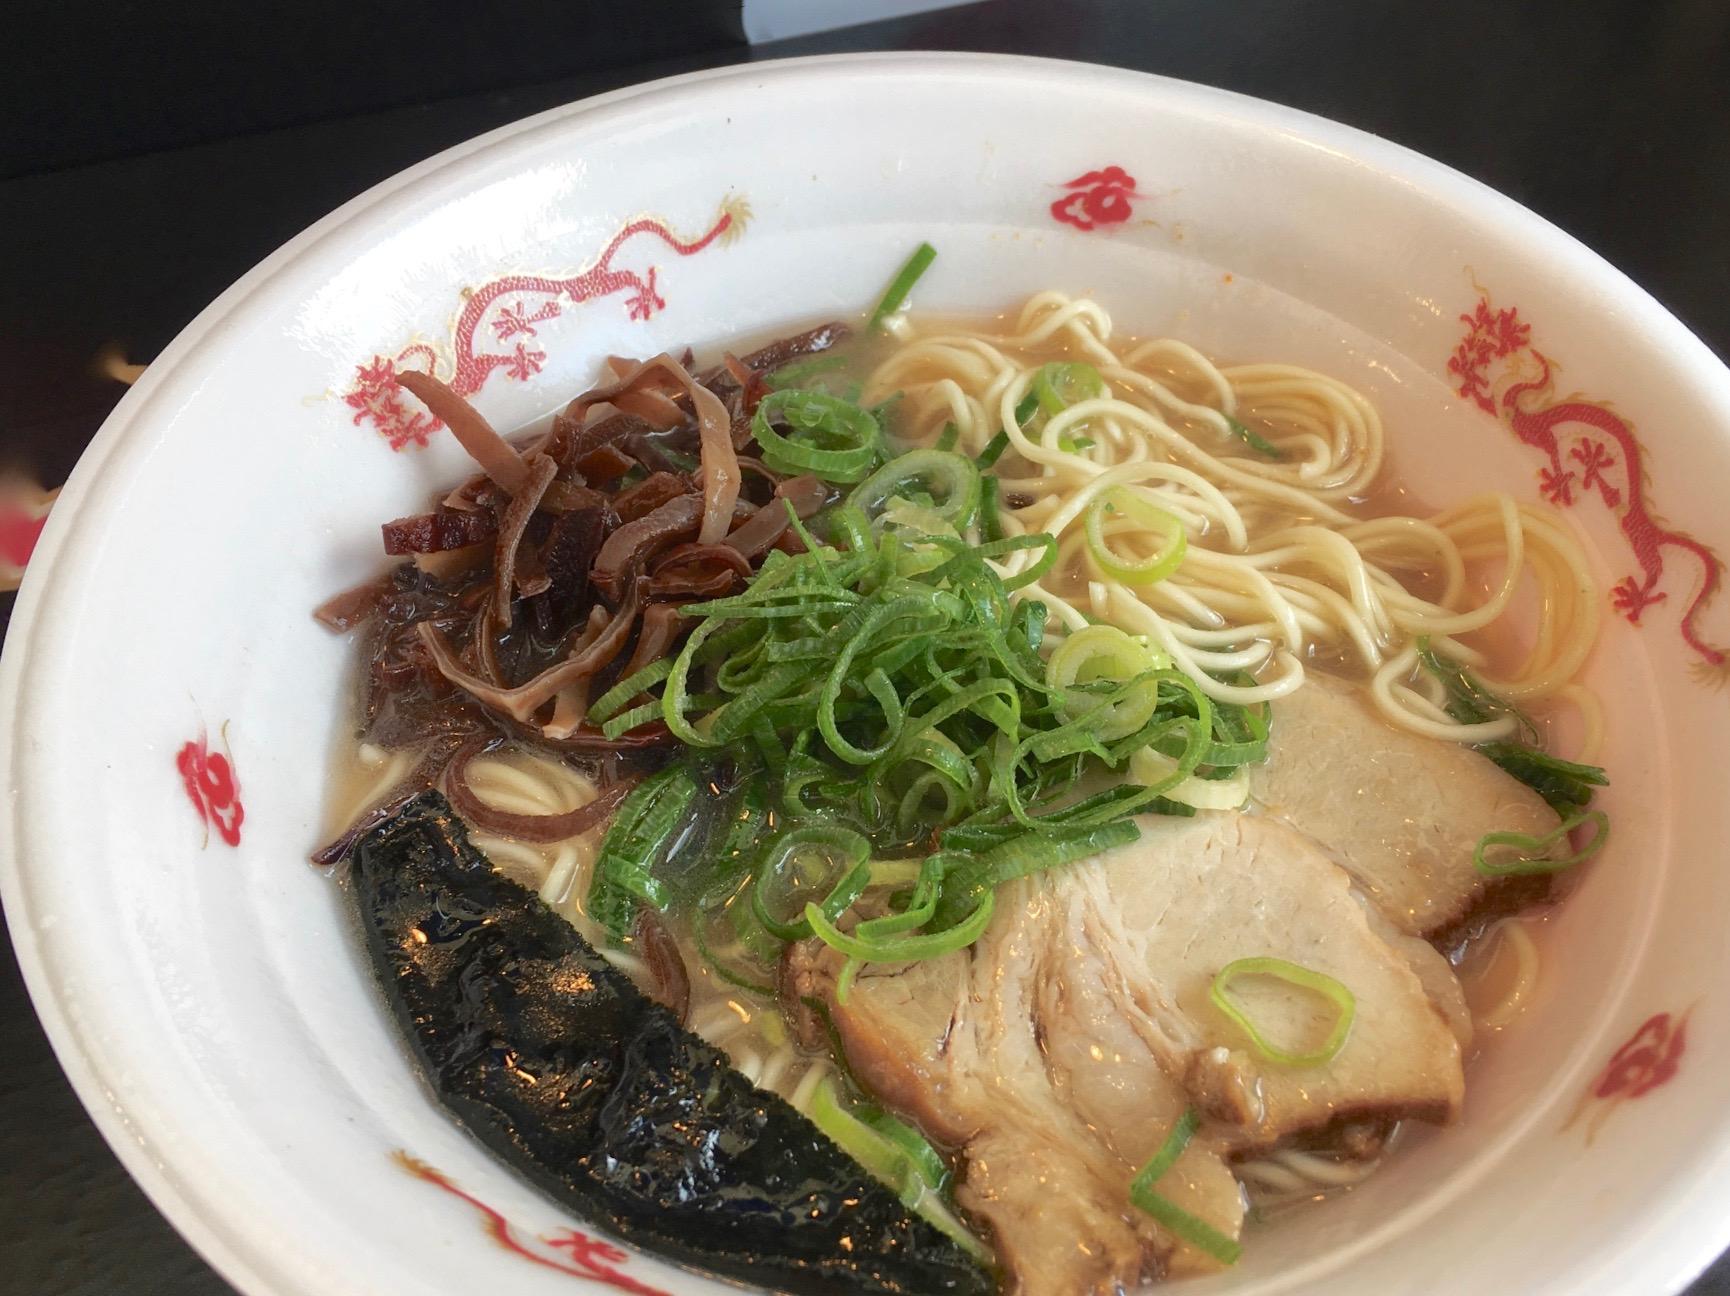 3年連続開催!「ラーメンまつりin名古屋 2017」に行ってきた - Image uploaded from iOS 10 1